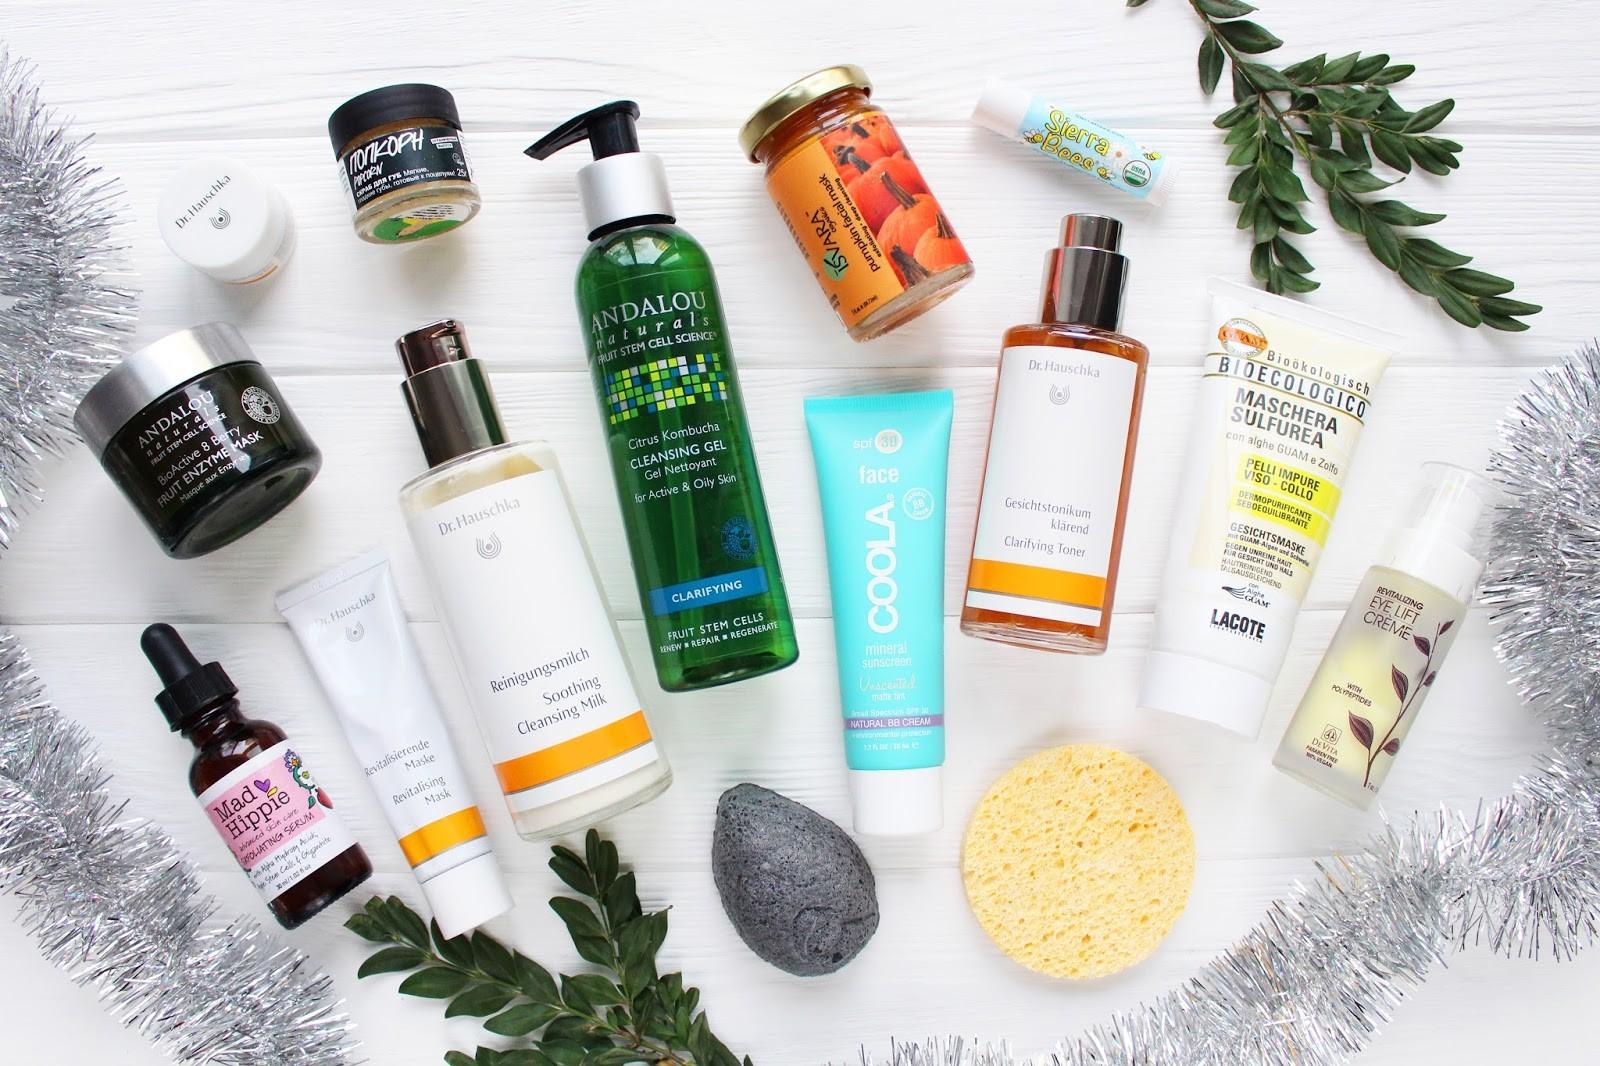 Какие средства нужны для жирной кожи лица: топ лучших косметических, уходовых, очищающих, увлажняющих, народных и аптечных средств